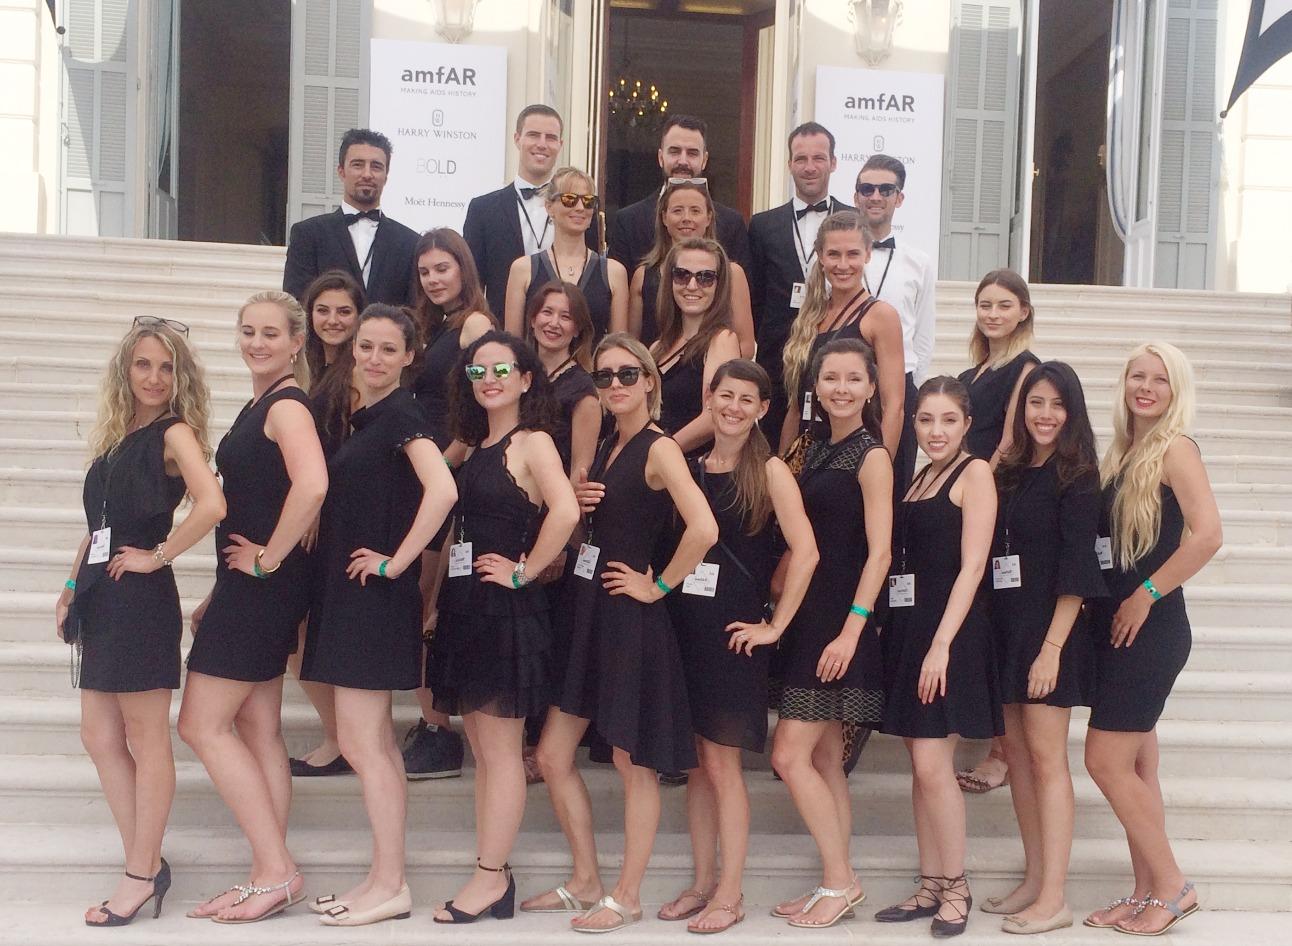 amfAR gala team 2017